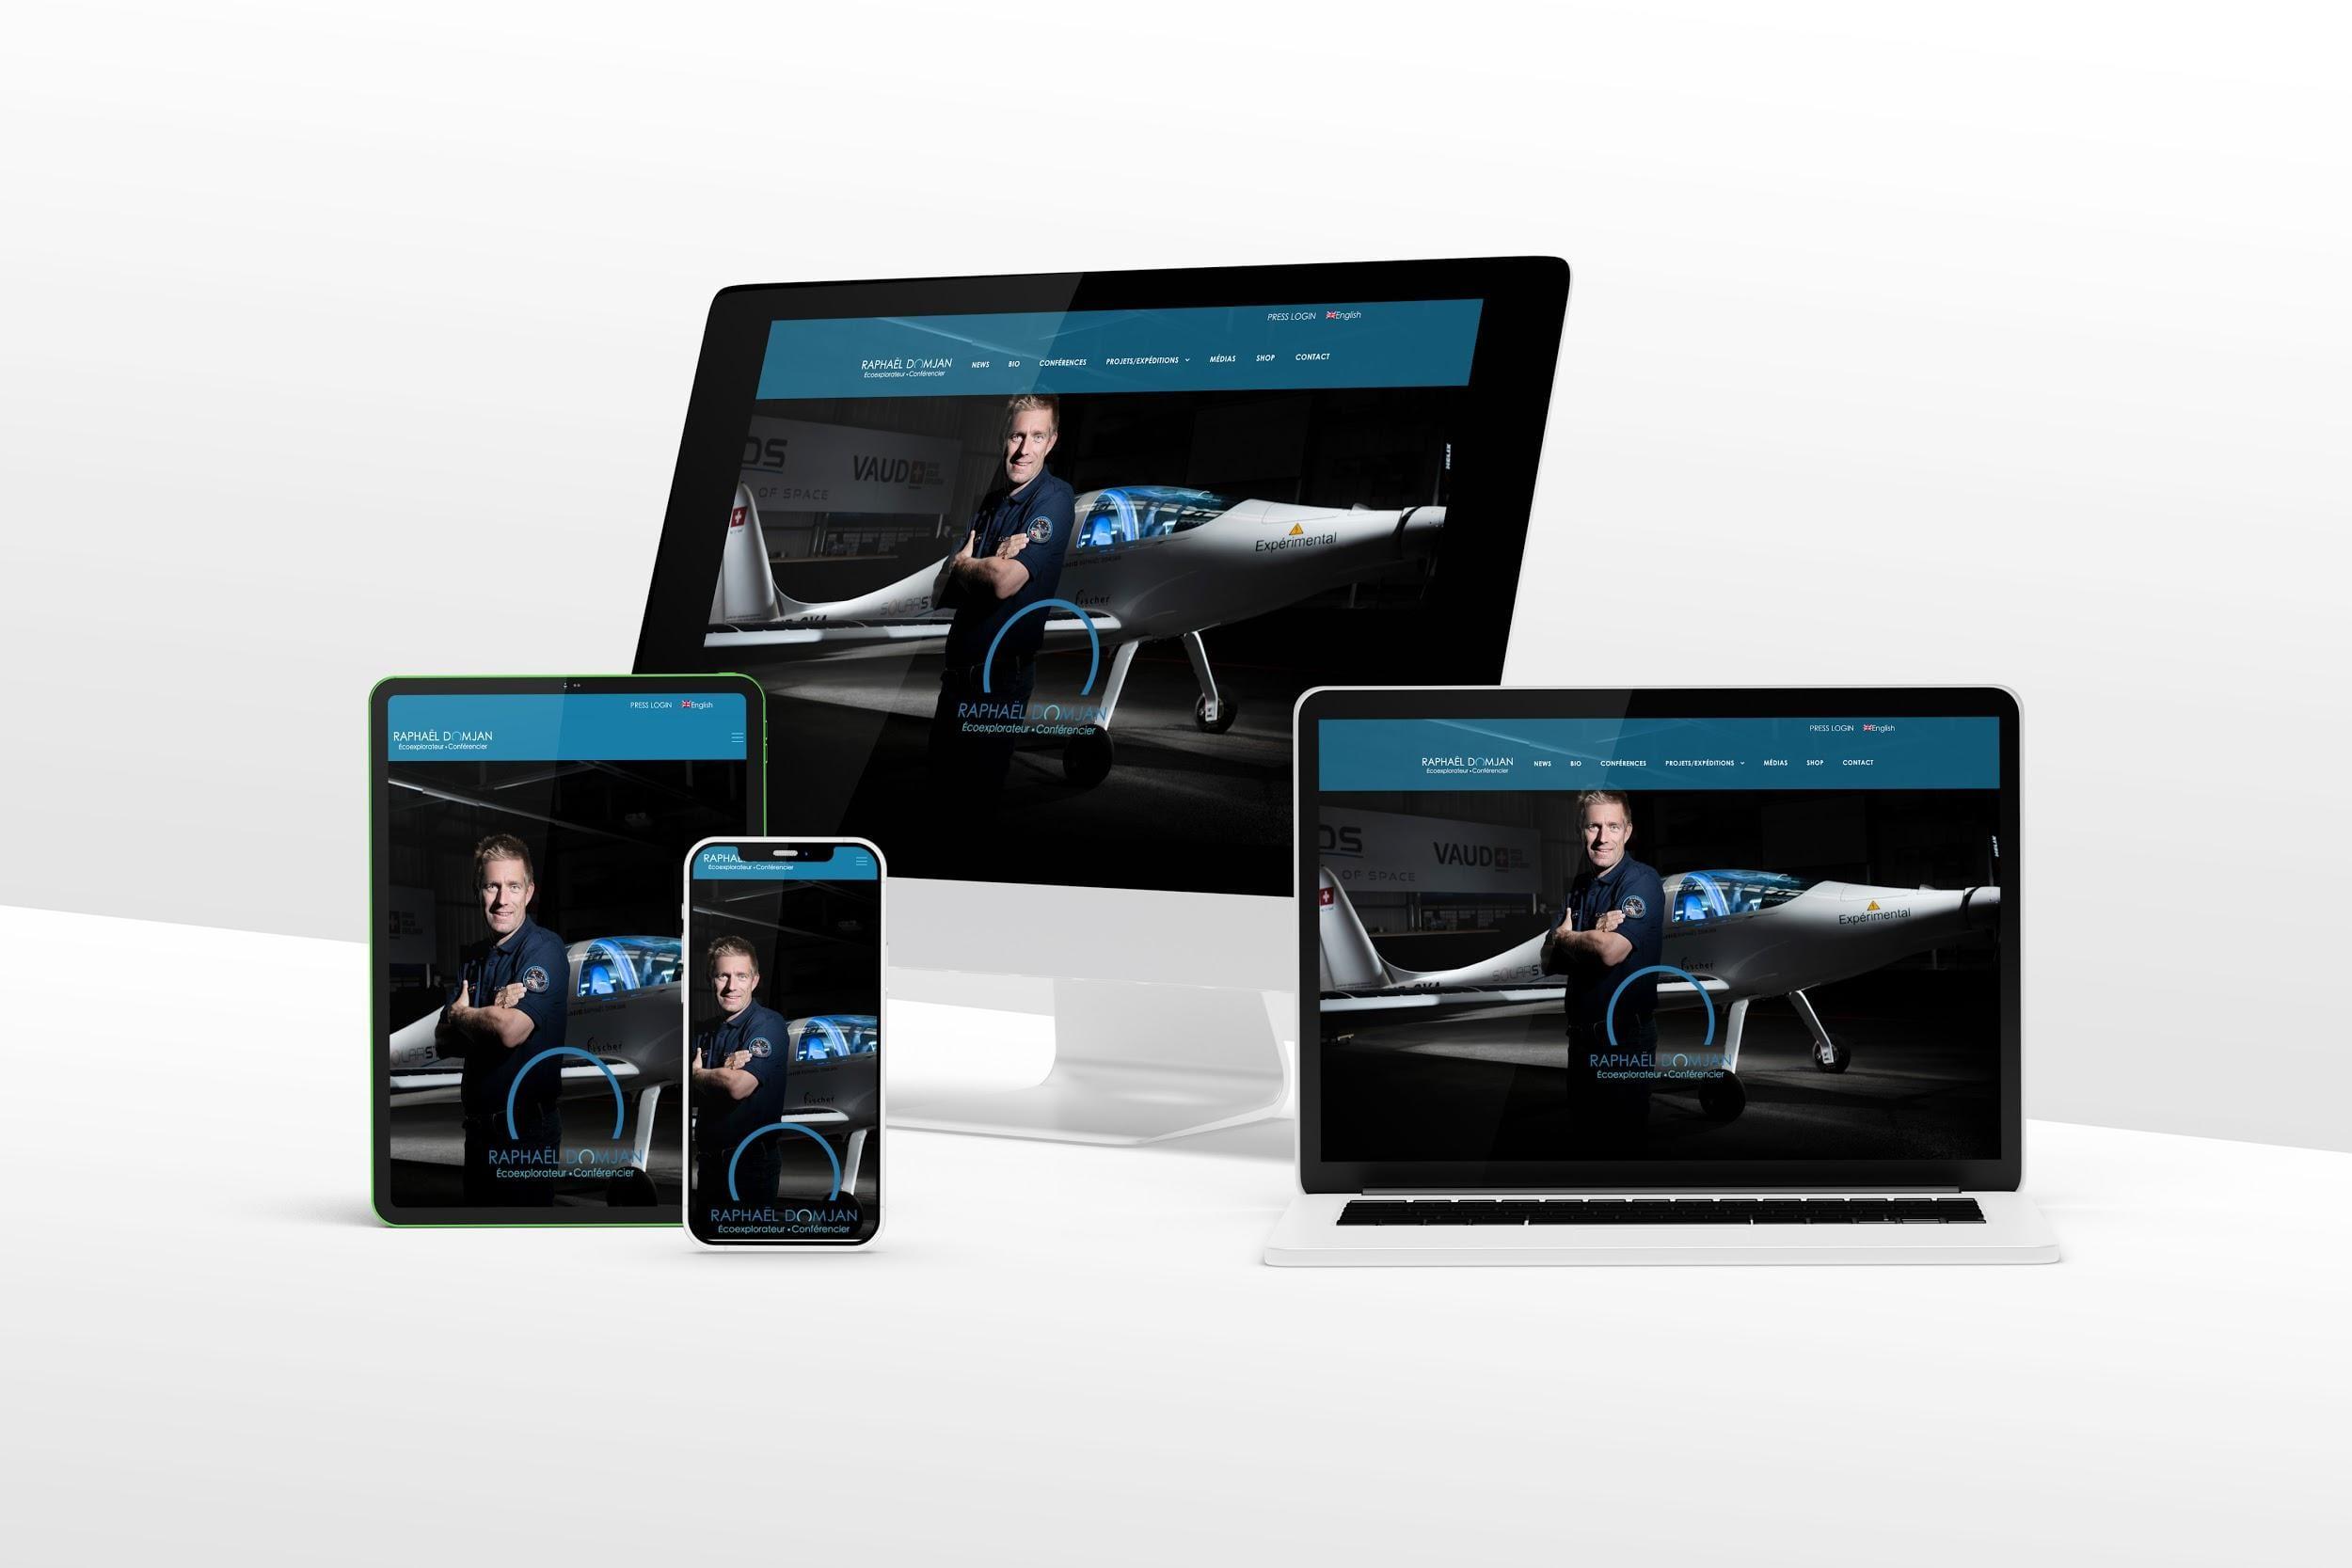 site-internet-prix-devis-besancon-pontarlier-agence-de-com-publicité-digitale-numérique-pontarlier-suisse-lausanne-tarifs-wordpress-8